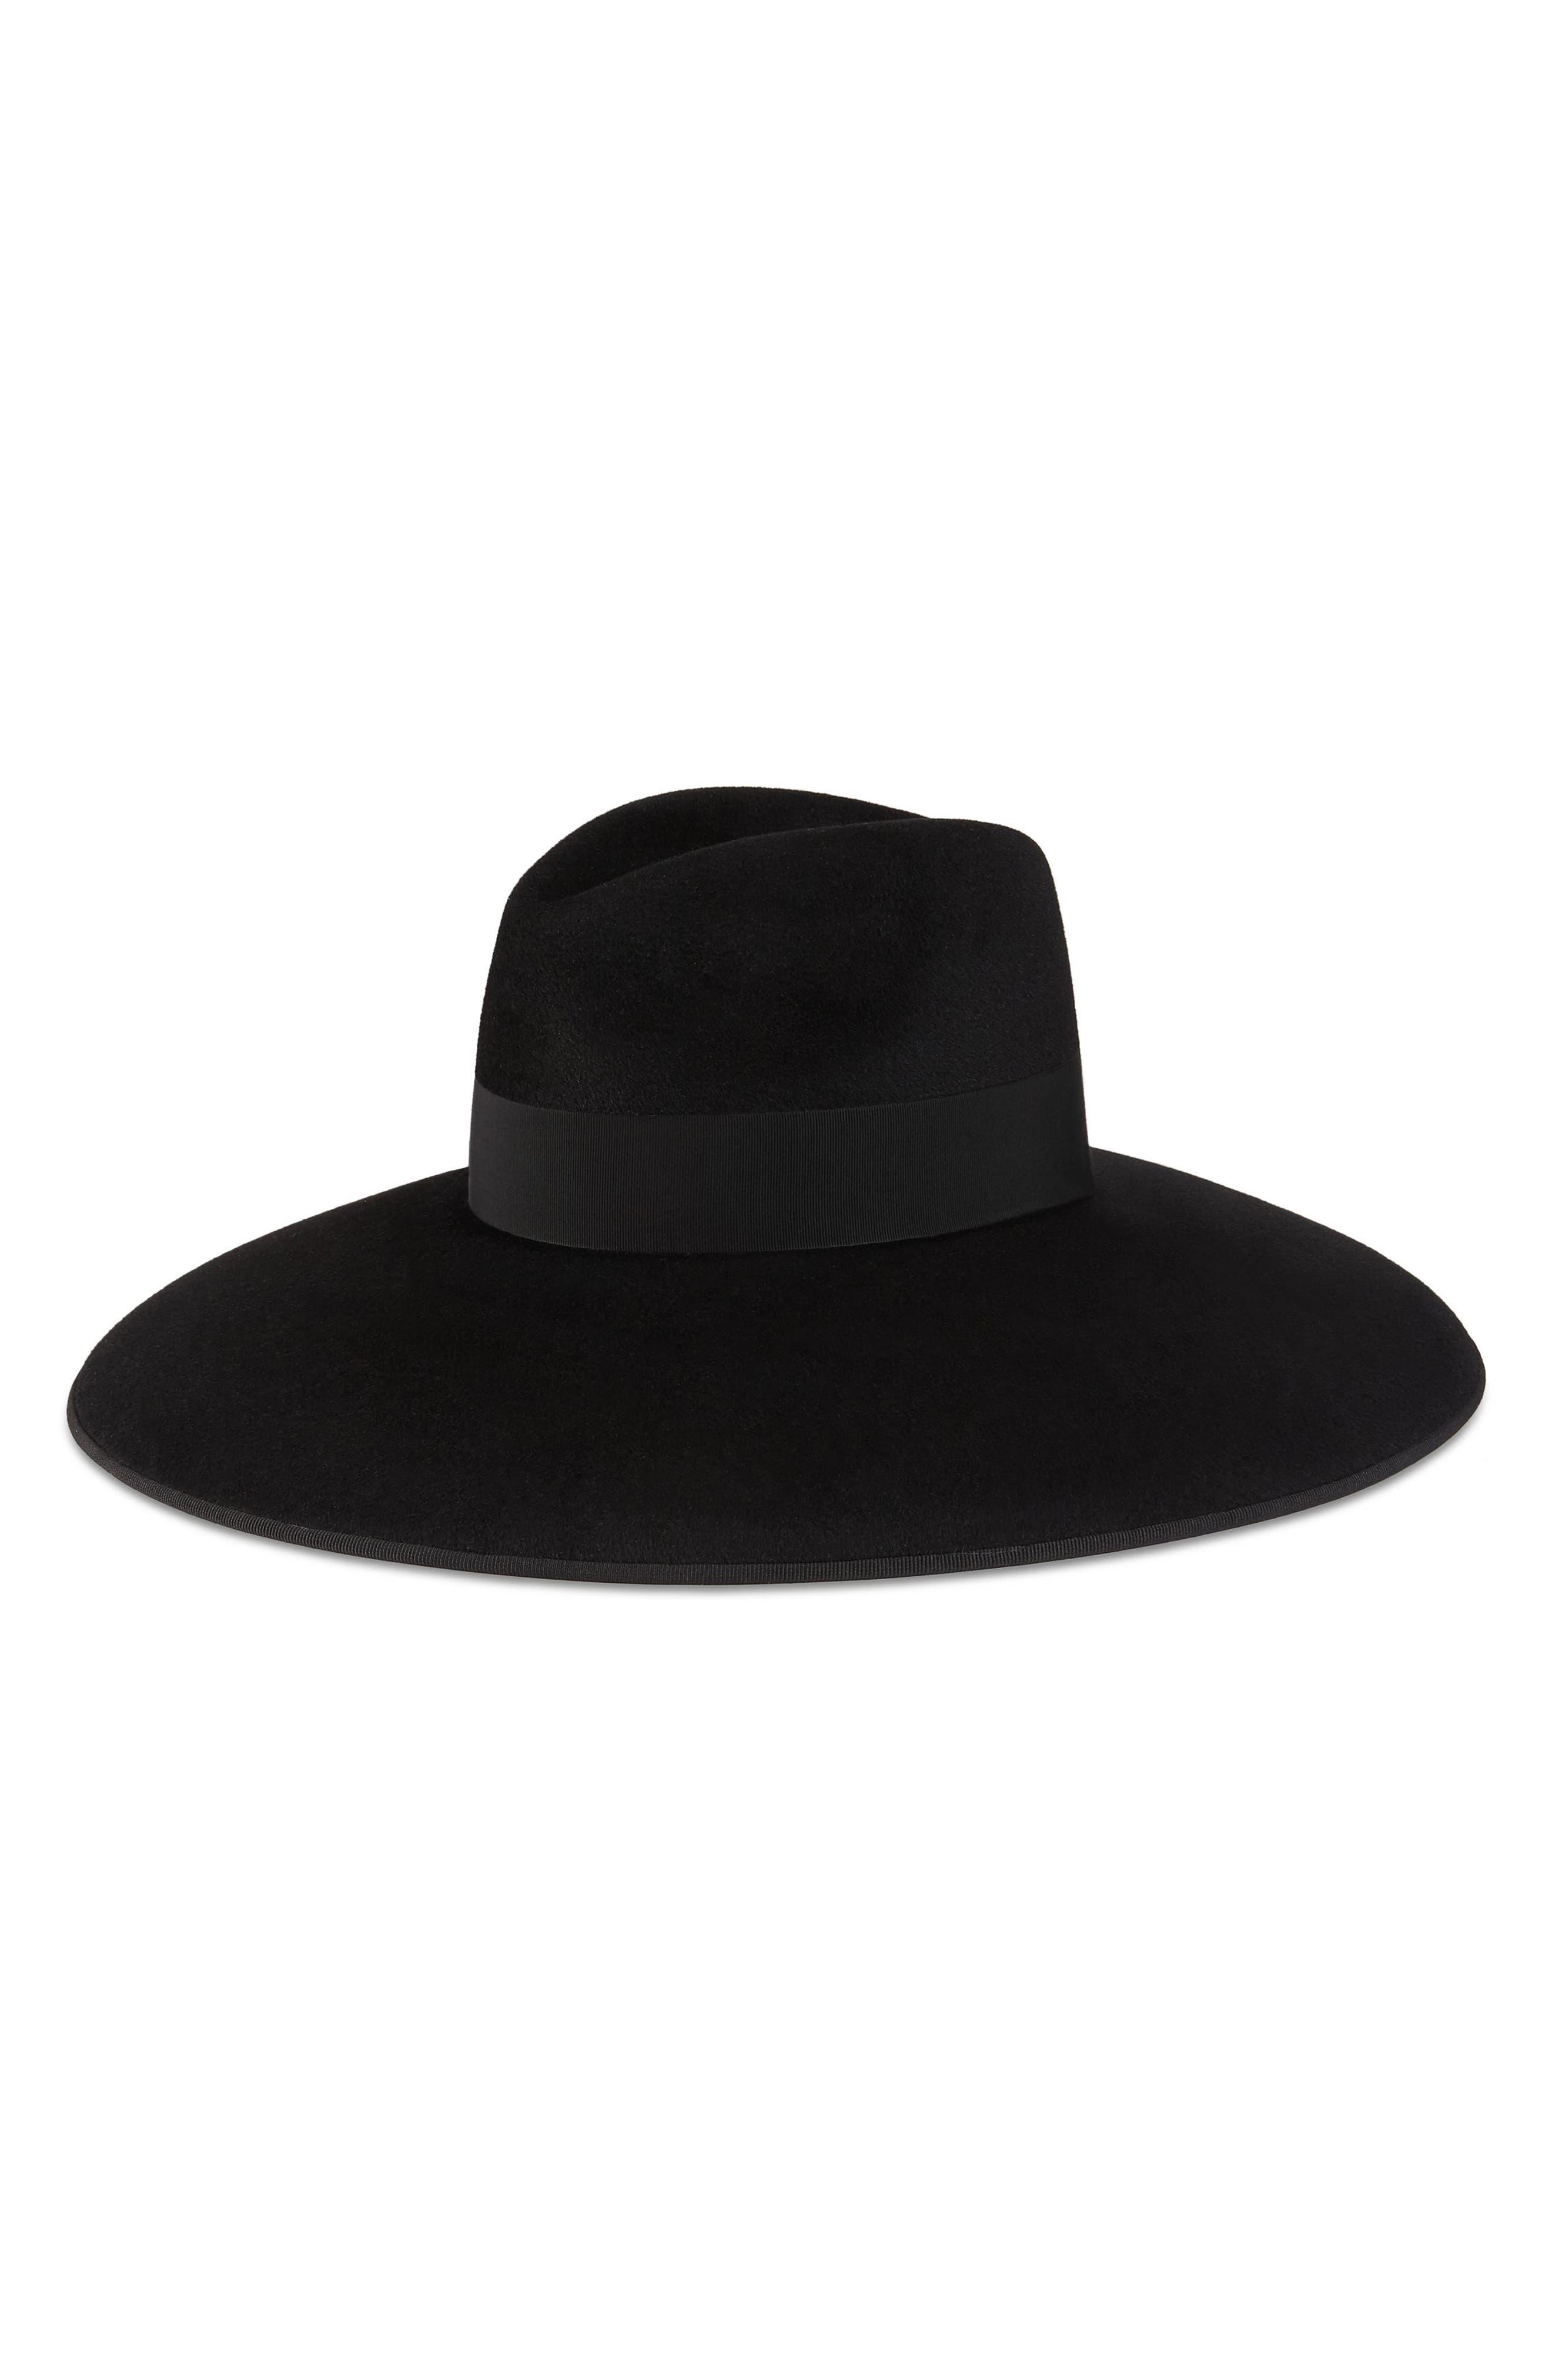 Fur Felt Wide Brim Hat,                             Alternate thumbnail 2, color,                             003